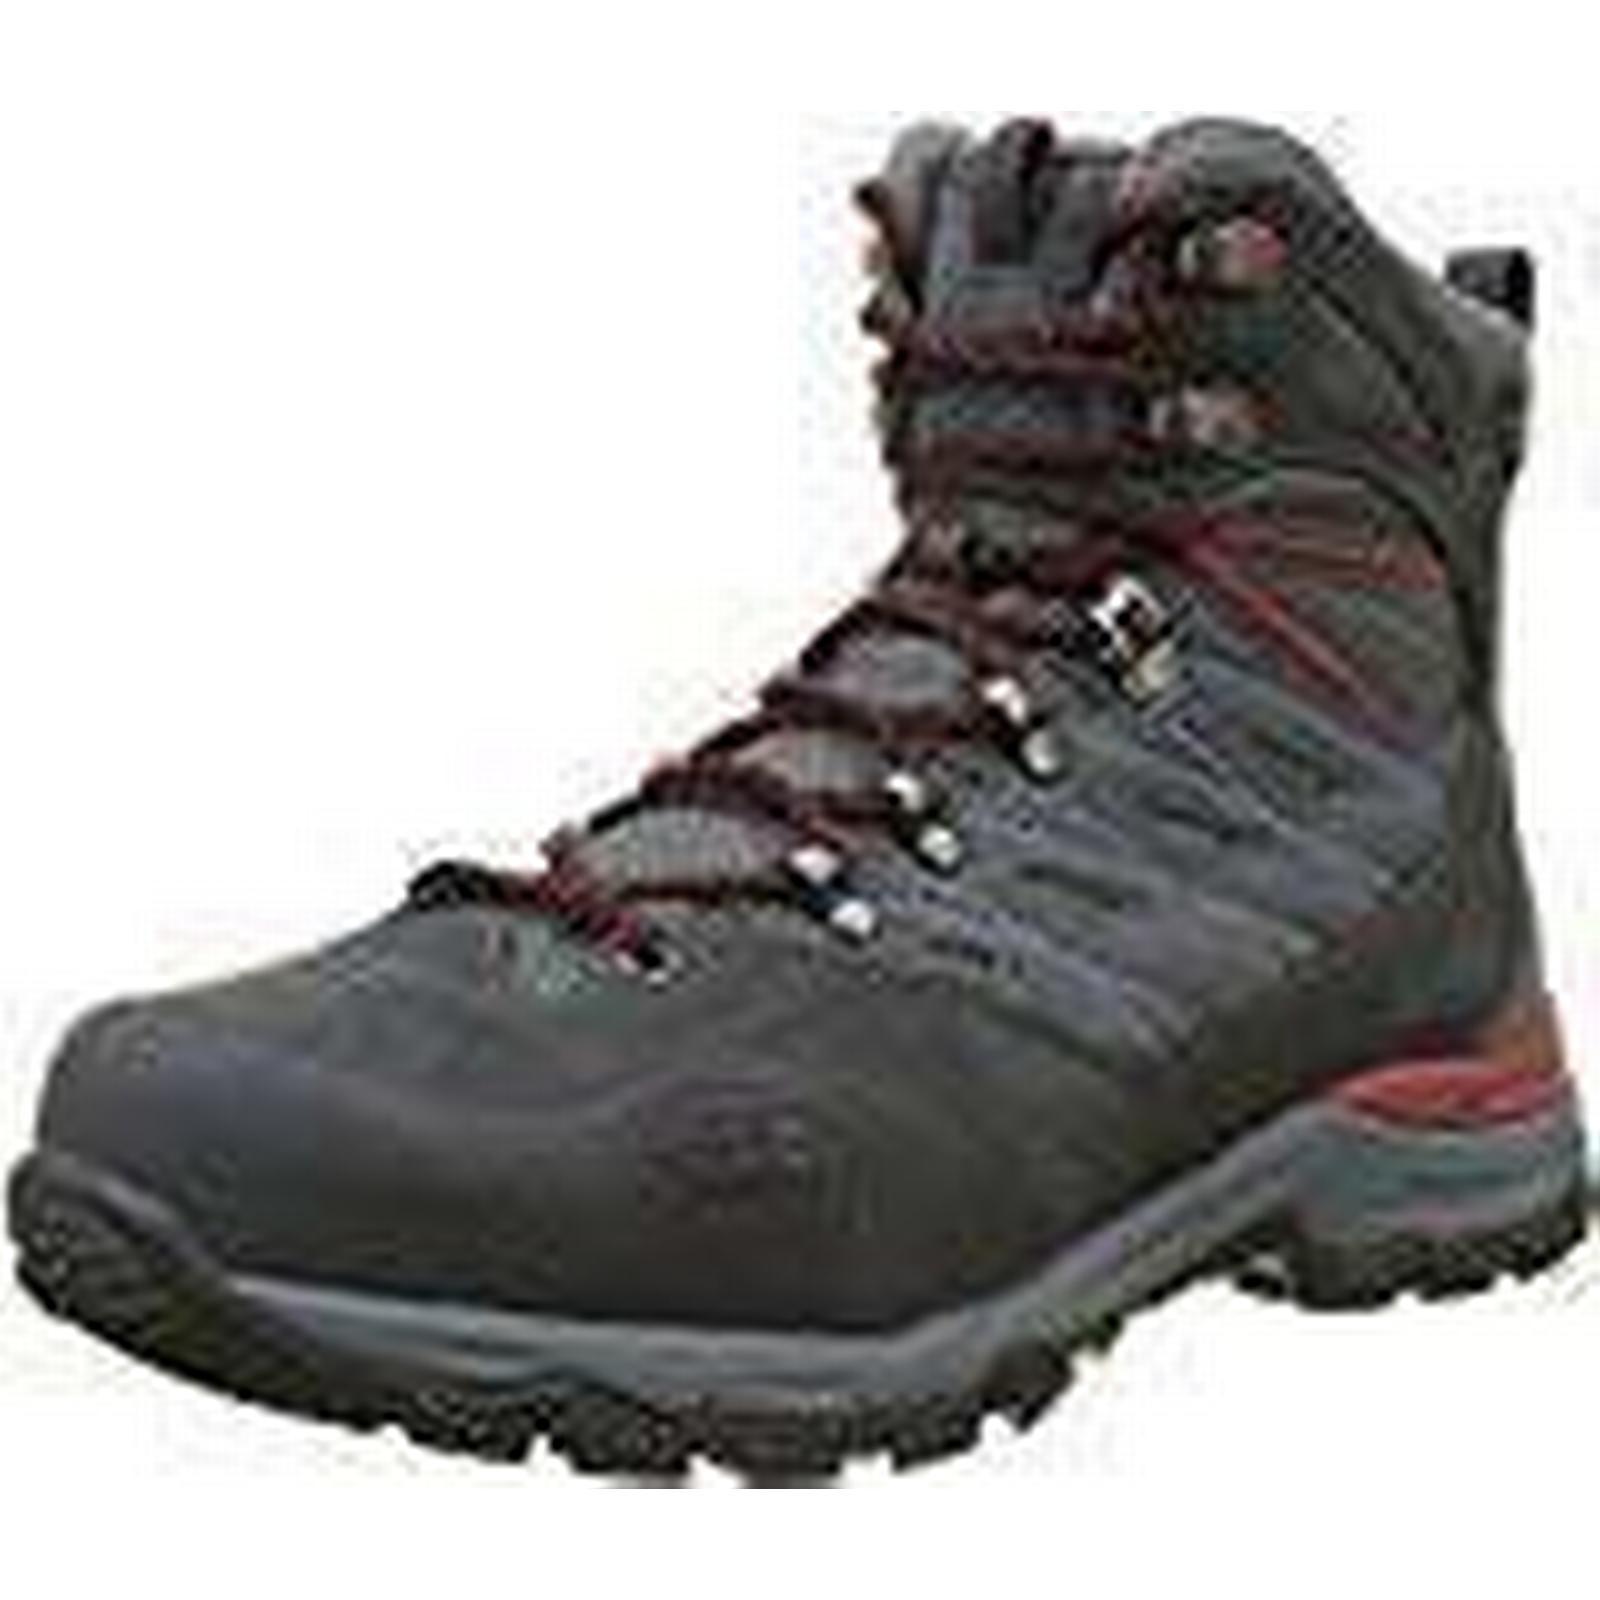 THE NORTH FACE Men's Hedgehog Trek Gore-Tex (Dark High Rise Hiking Boots, (Dark Gore-Tex Shadow Grey/Rudy Red TCP), 10 (44.5 EU) 0d524a